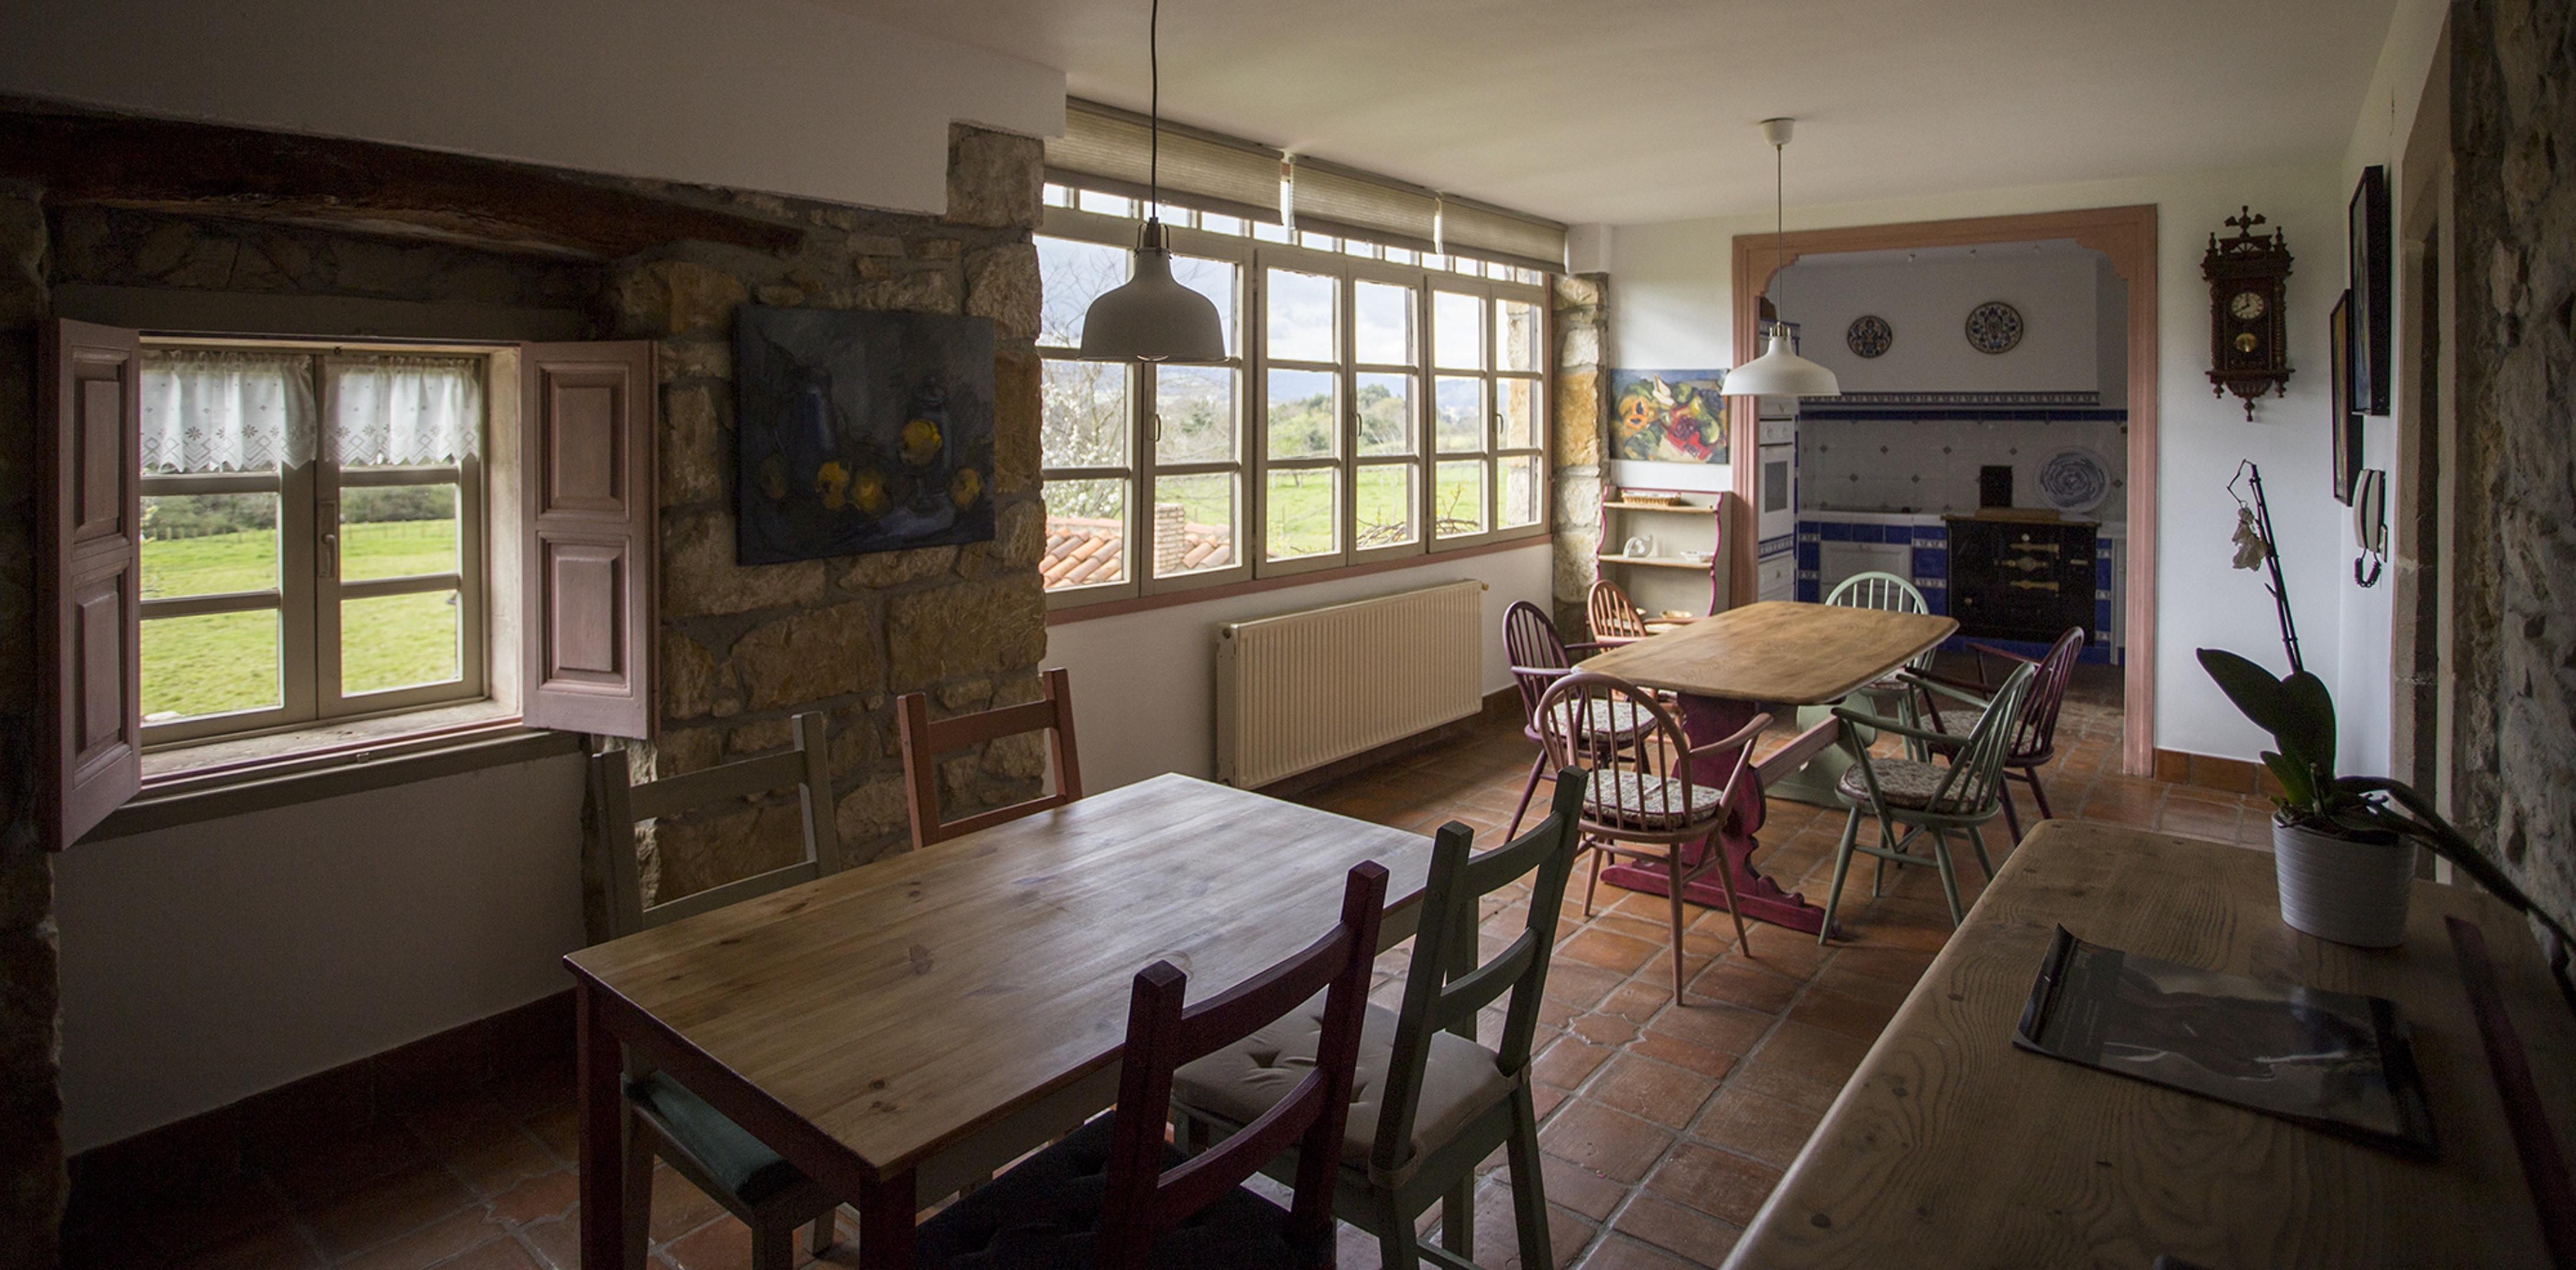 Ferienhaus Haus mit 7 Schlafzimmern in Villaviciosa mit toller Aussicht auf die Berge, eingezäuntem G (2239815), Villaverde, Costa Verde (ES), Asturien, Spanien, Bild 8